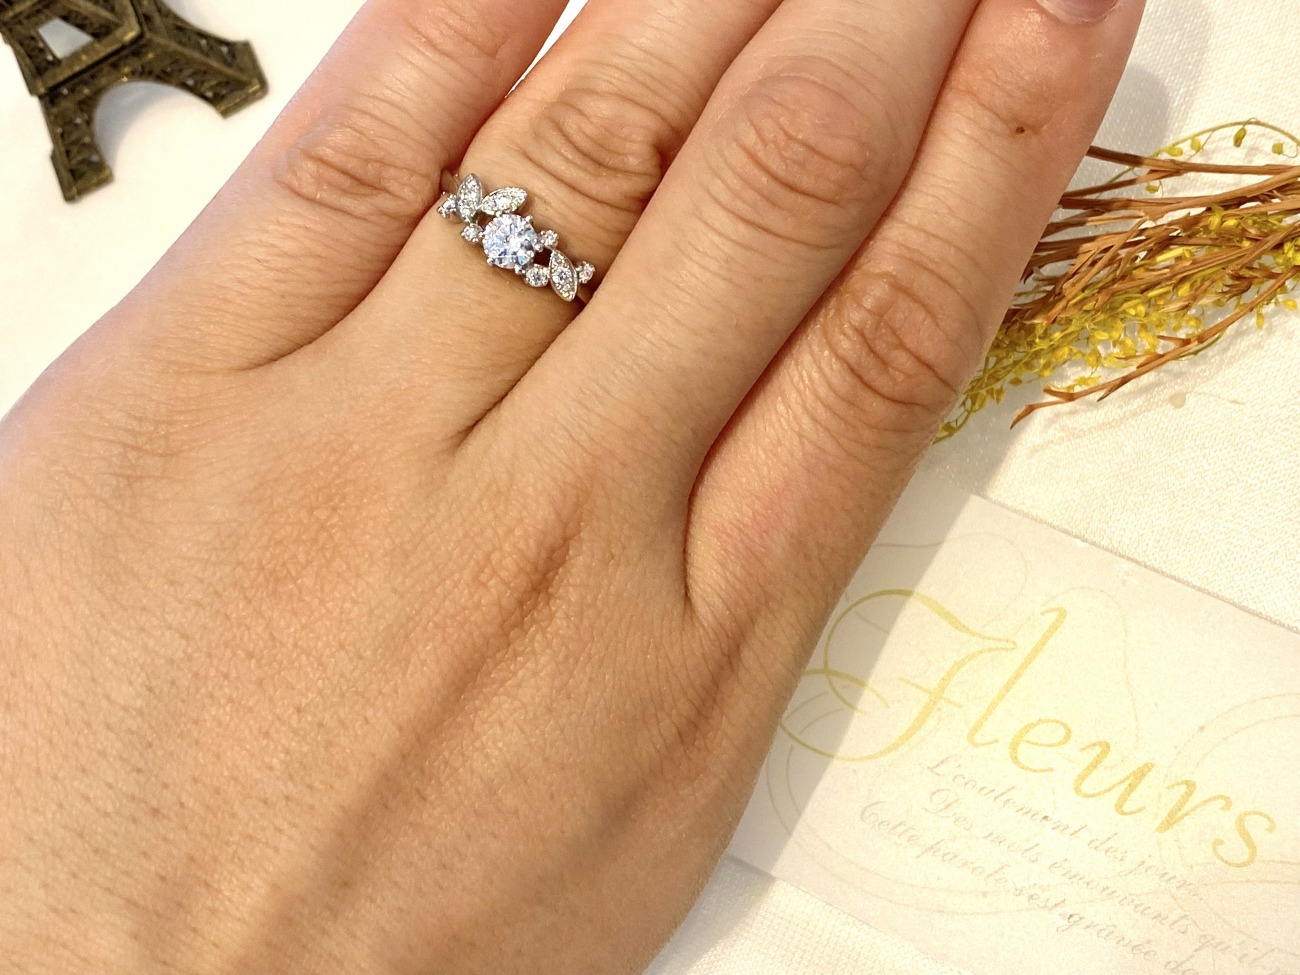 奥様が好きな花、薔薇の婚約指輪でプロポーズ